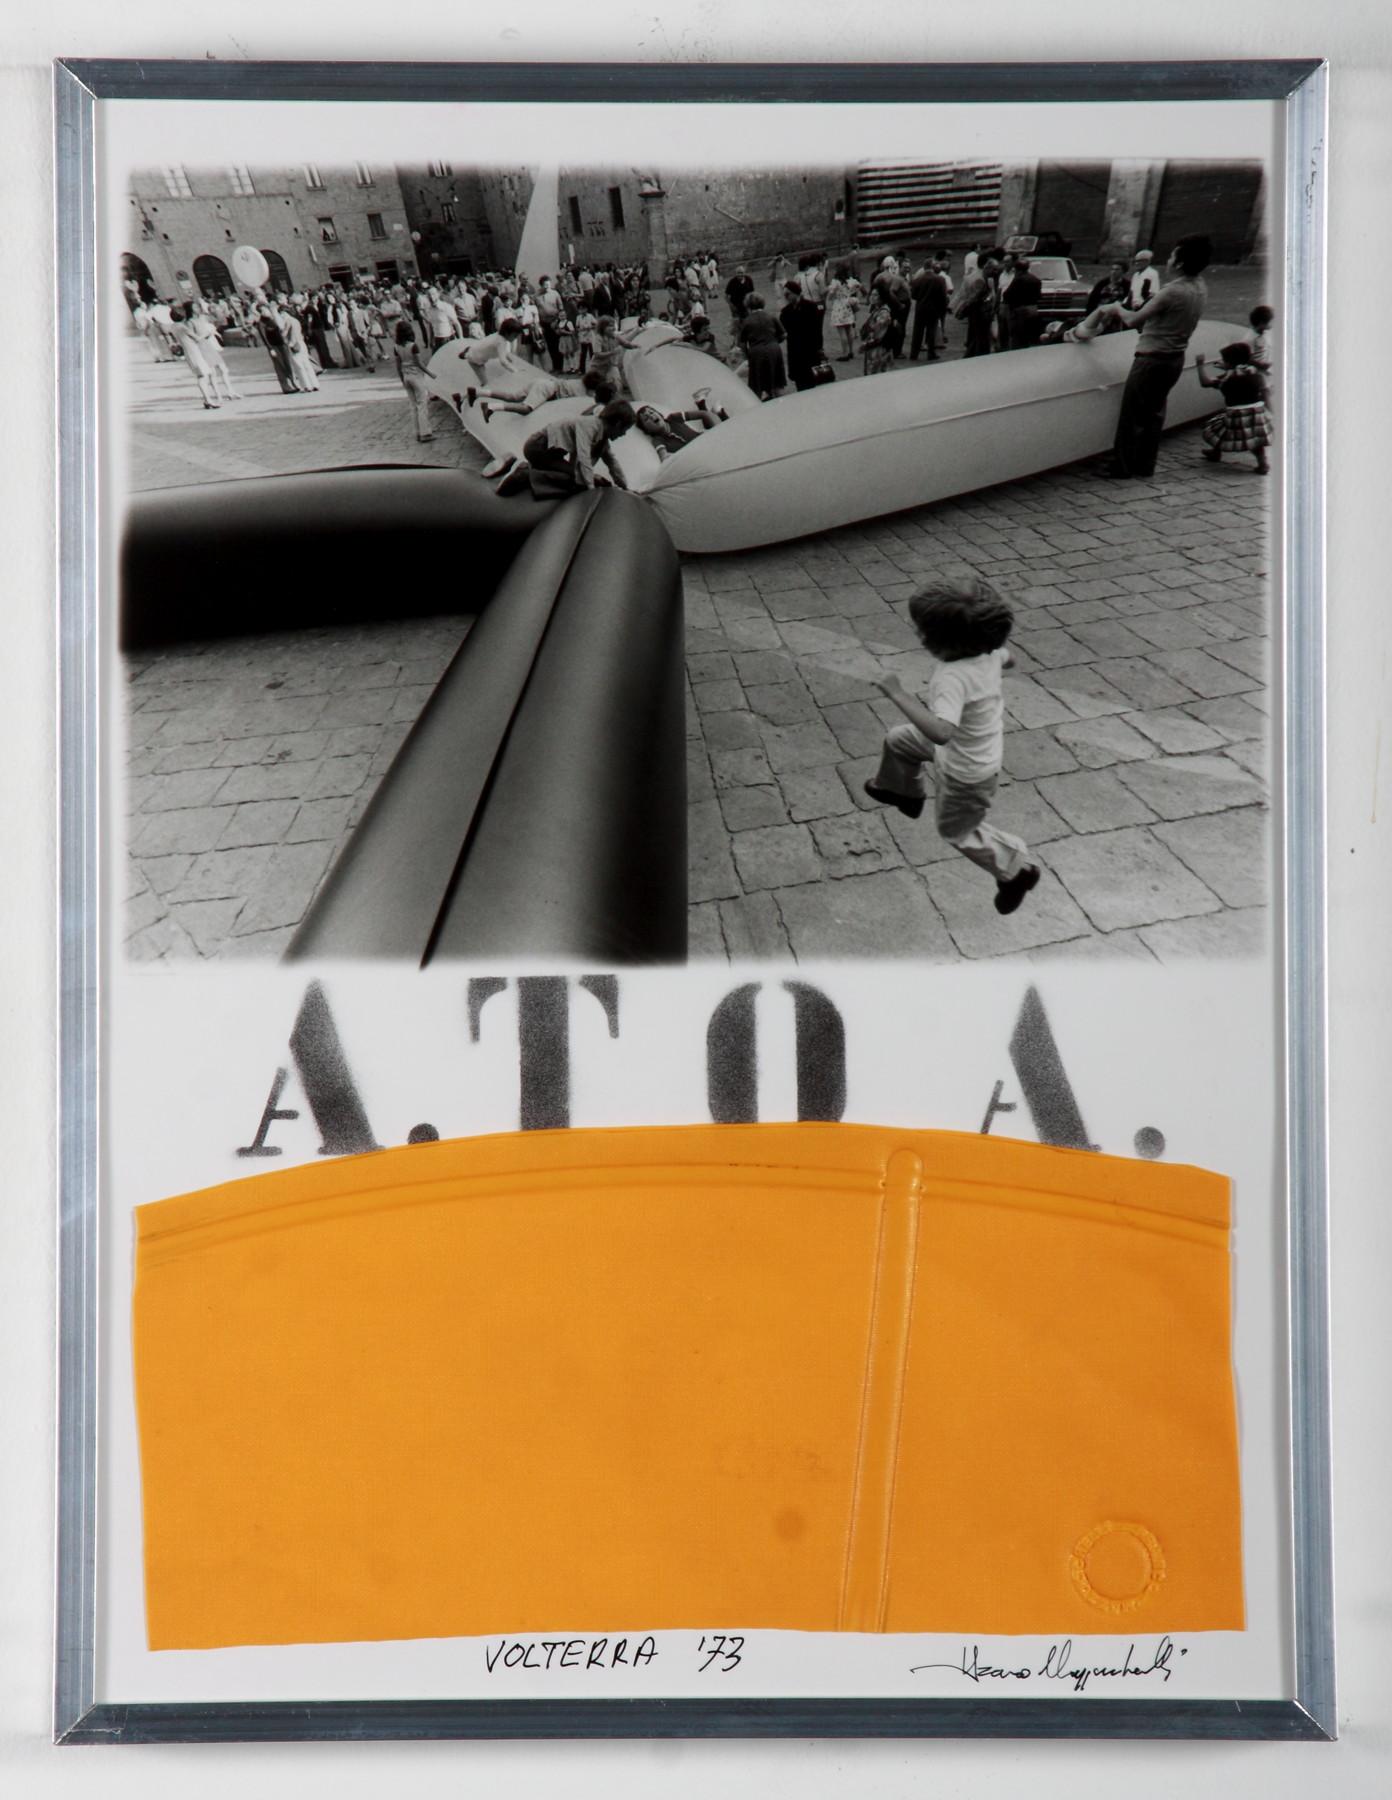 ATOA018 - VOLTERRA 1973 - 40,6X30,5